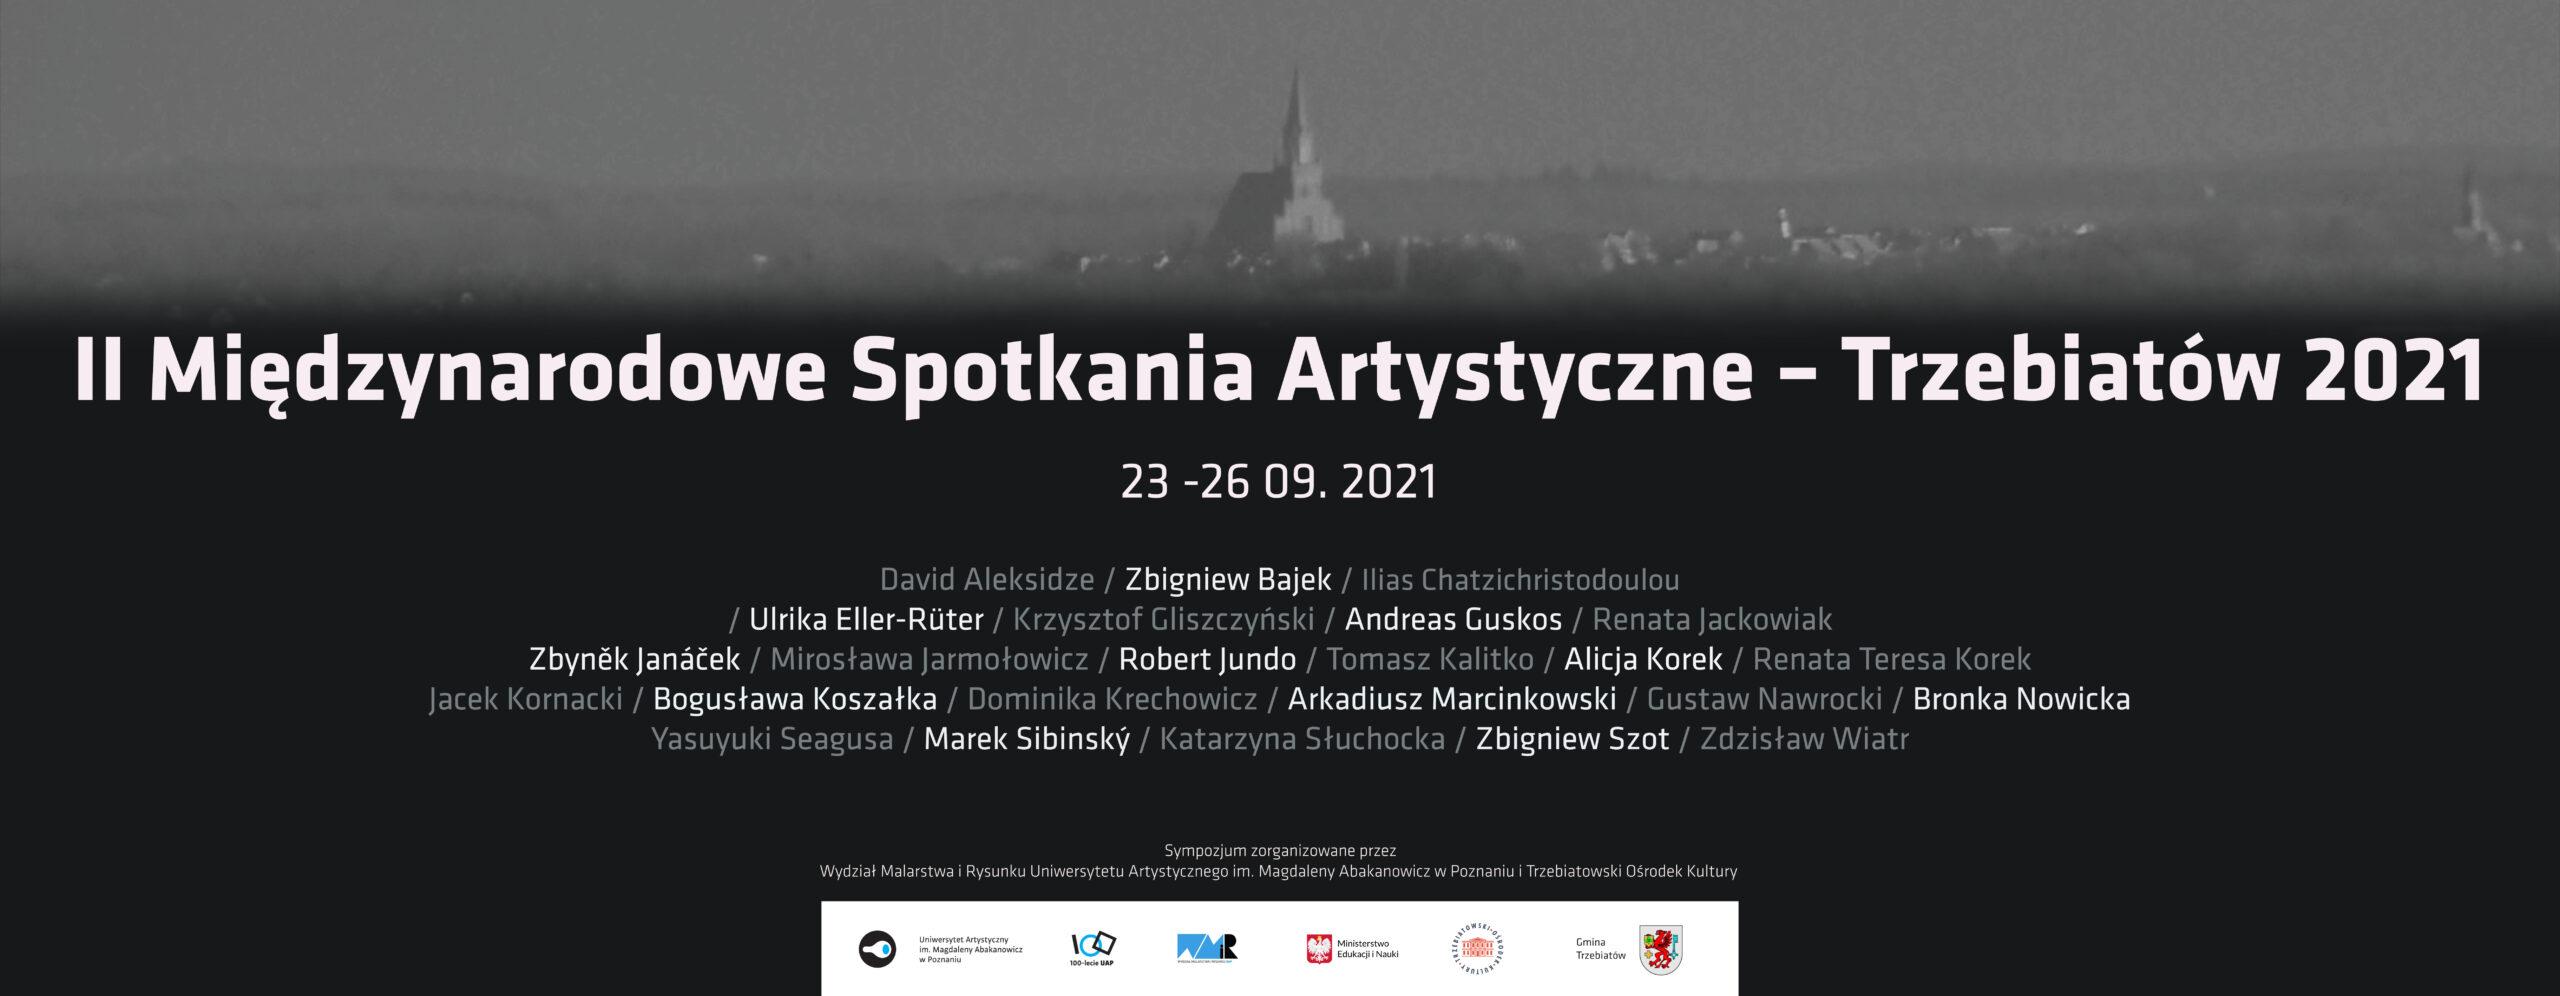 II Międzynarodowe Spotkania Artystyczne Trzebiatów 2021.